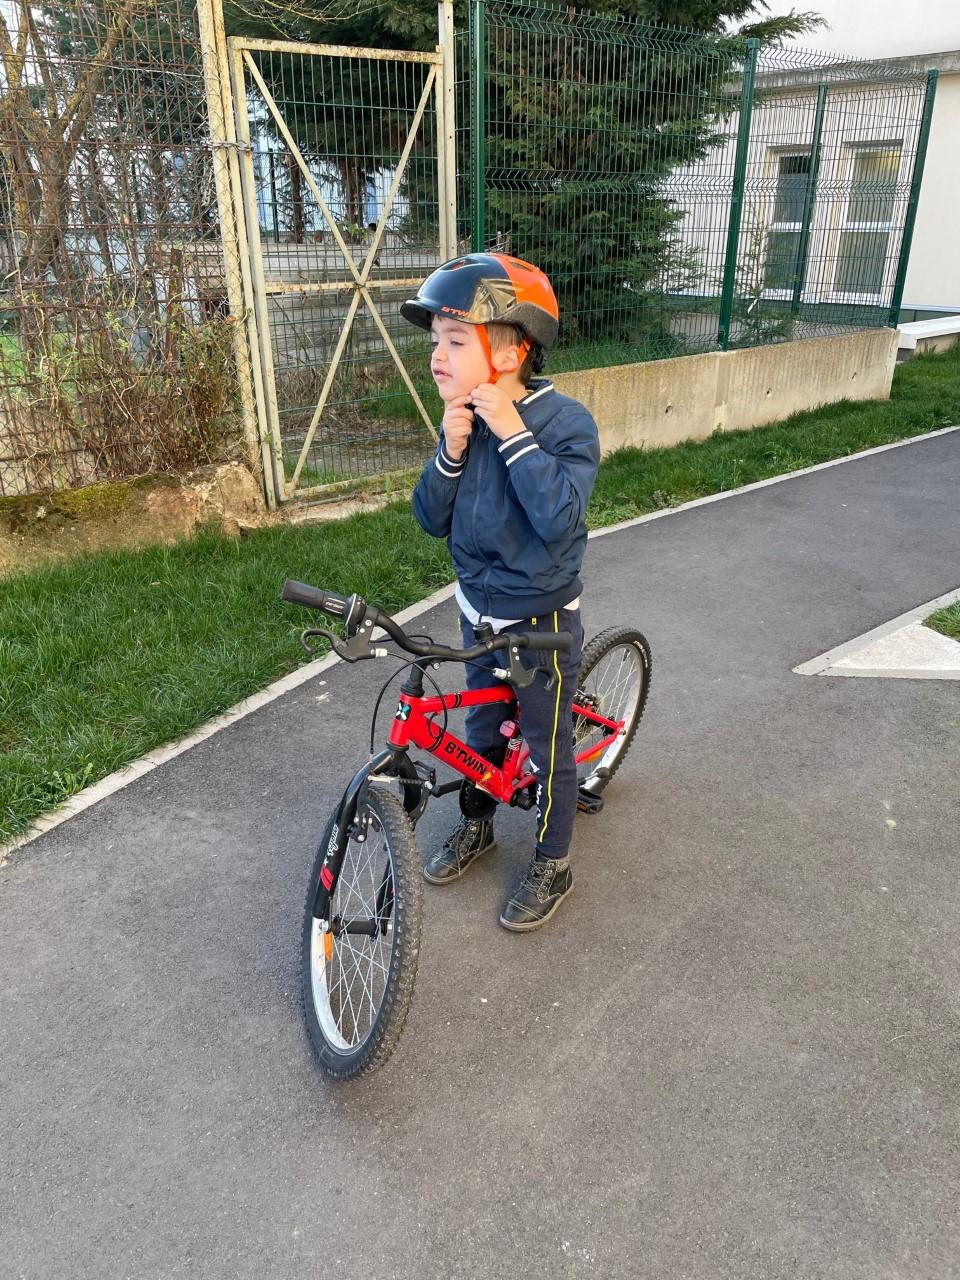 Un niño aprendiendo a montar en bicicleta durante una sesión de terapia ocupacional